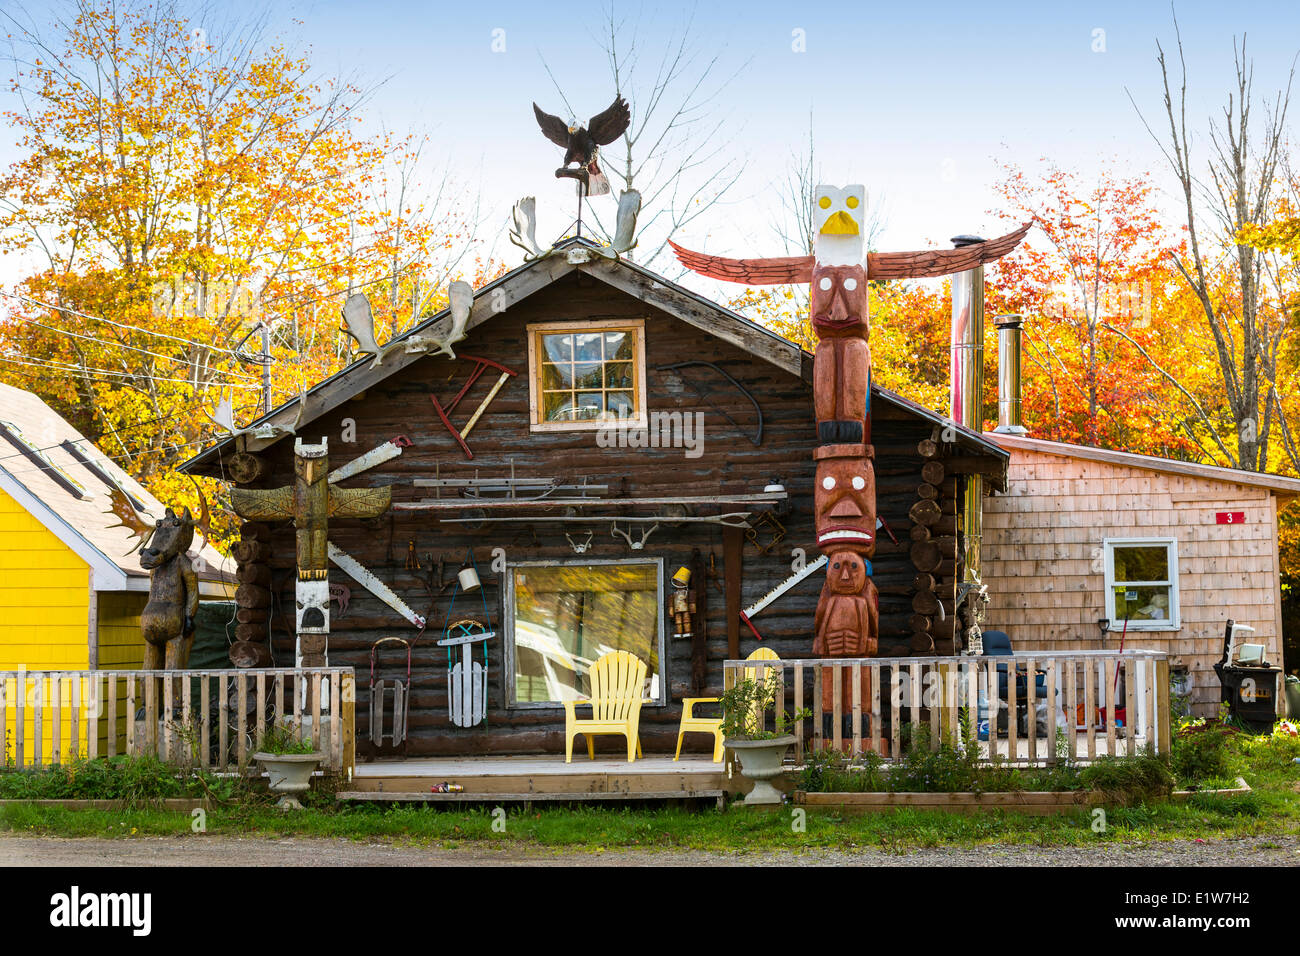 Boutique d'artisanat autochtone. Whycocomagh, Cap-Breton, Nouvelle-Écosse, Canada Photo Stock